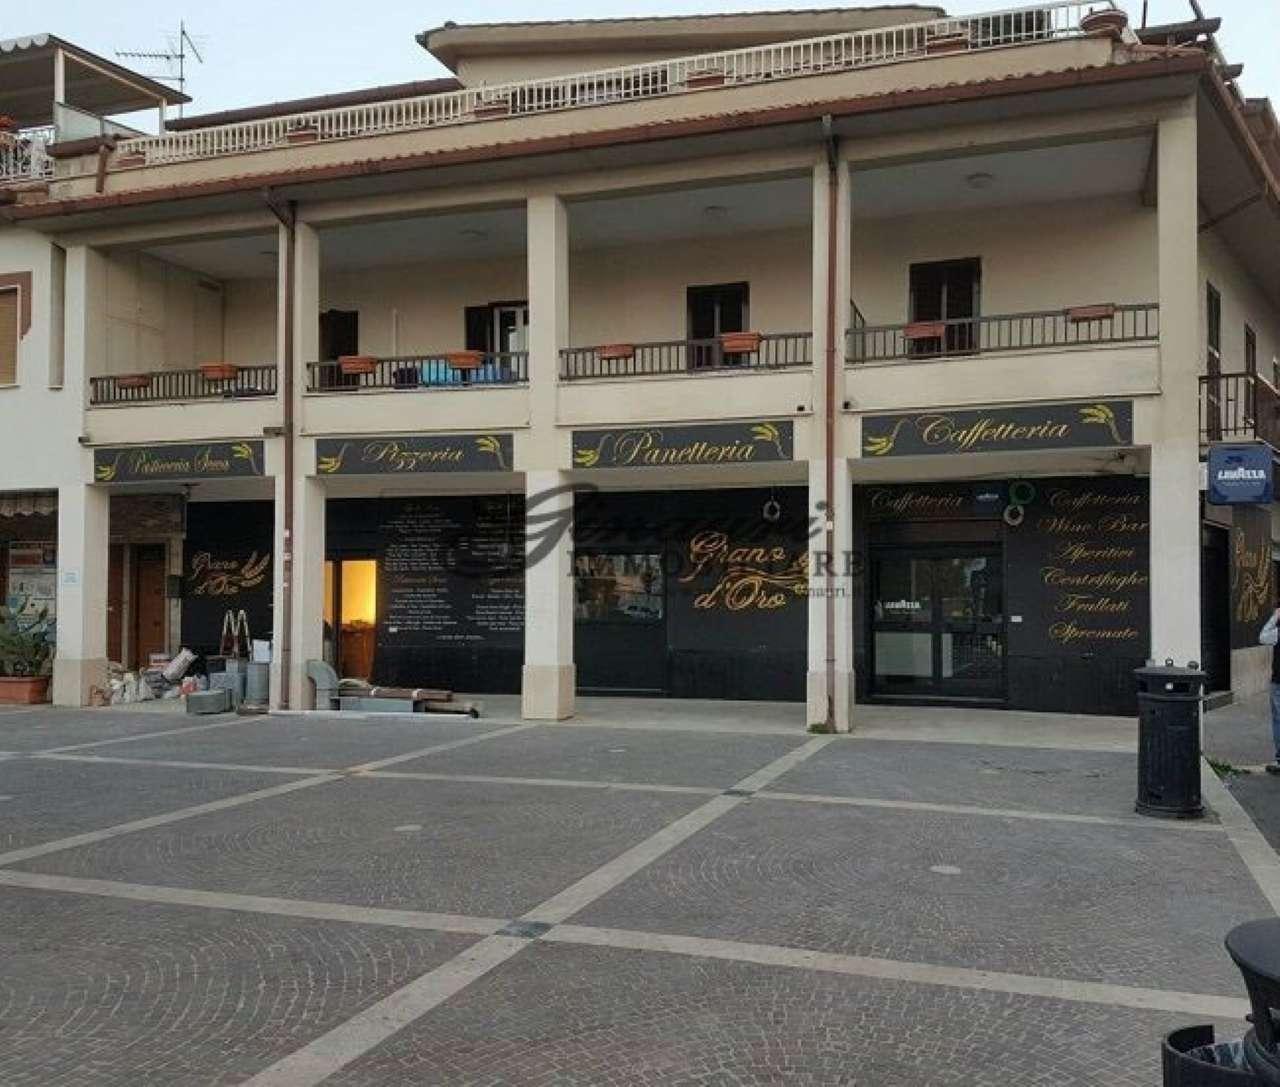 Attivit e licenze in vendita a guidonia montecelio - Agenzie immobiliari guidonia ...